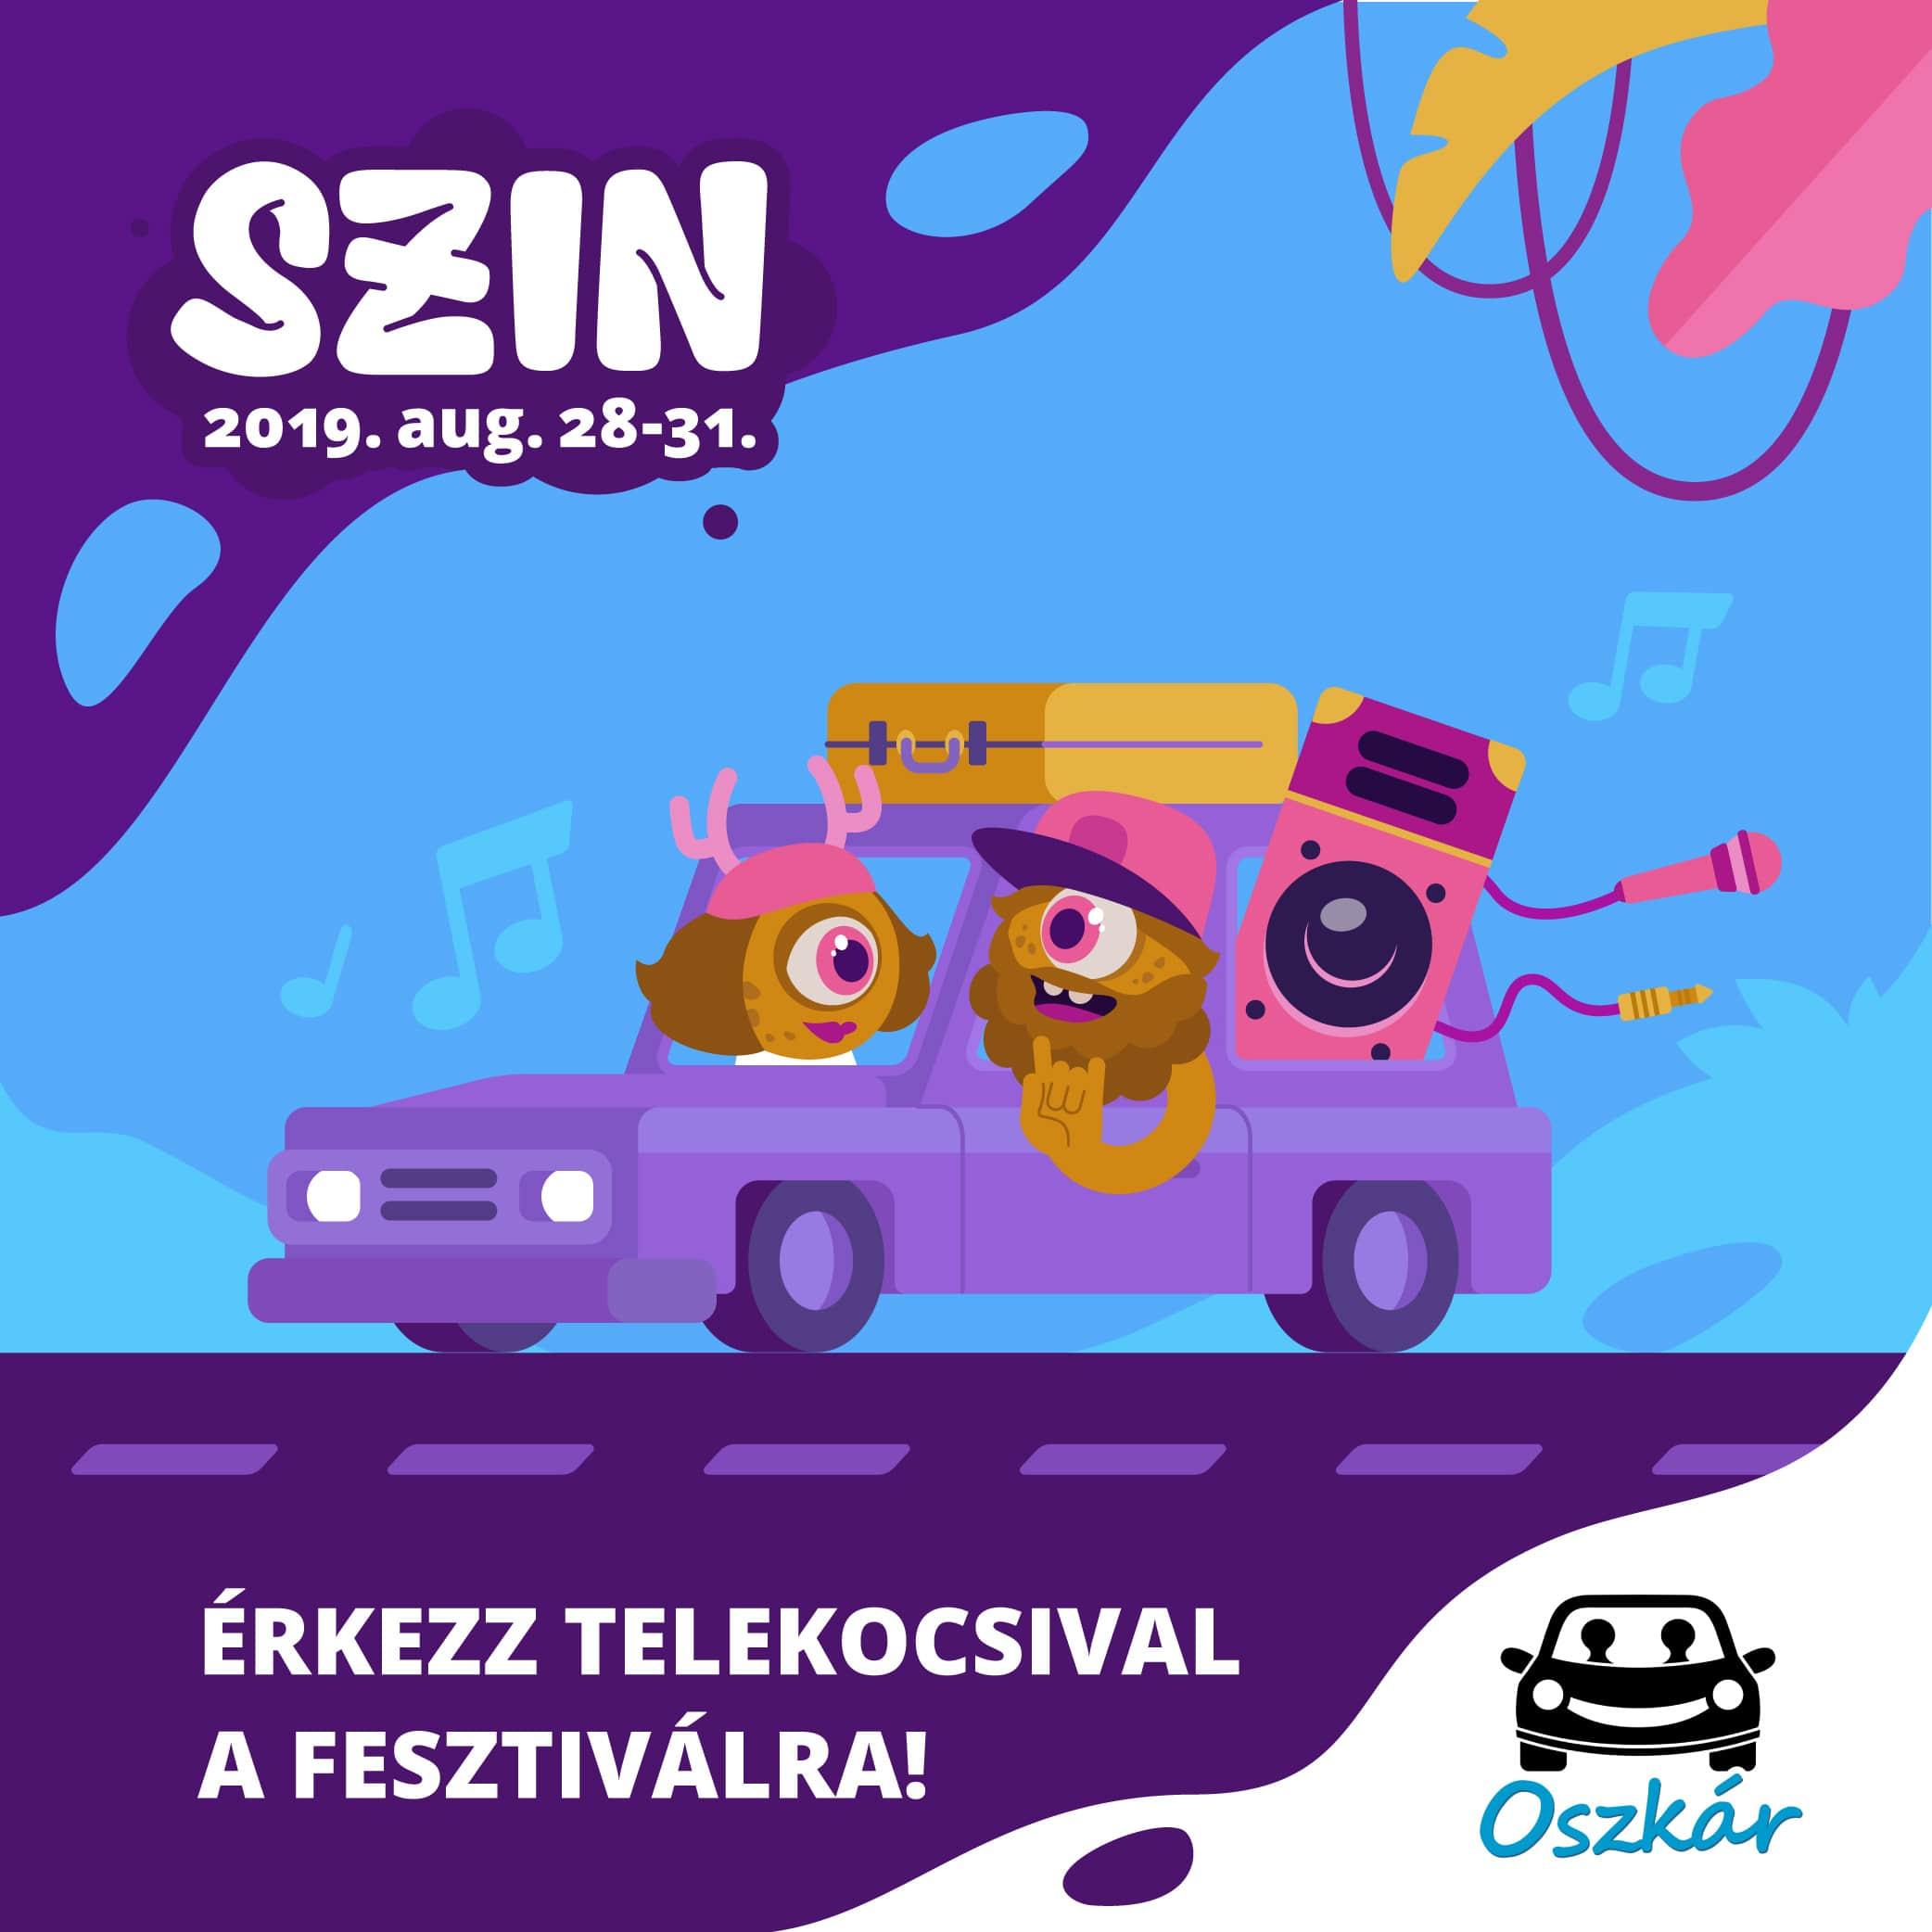 Szegedi Ifjúsági Napok 2019